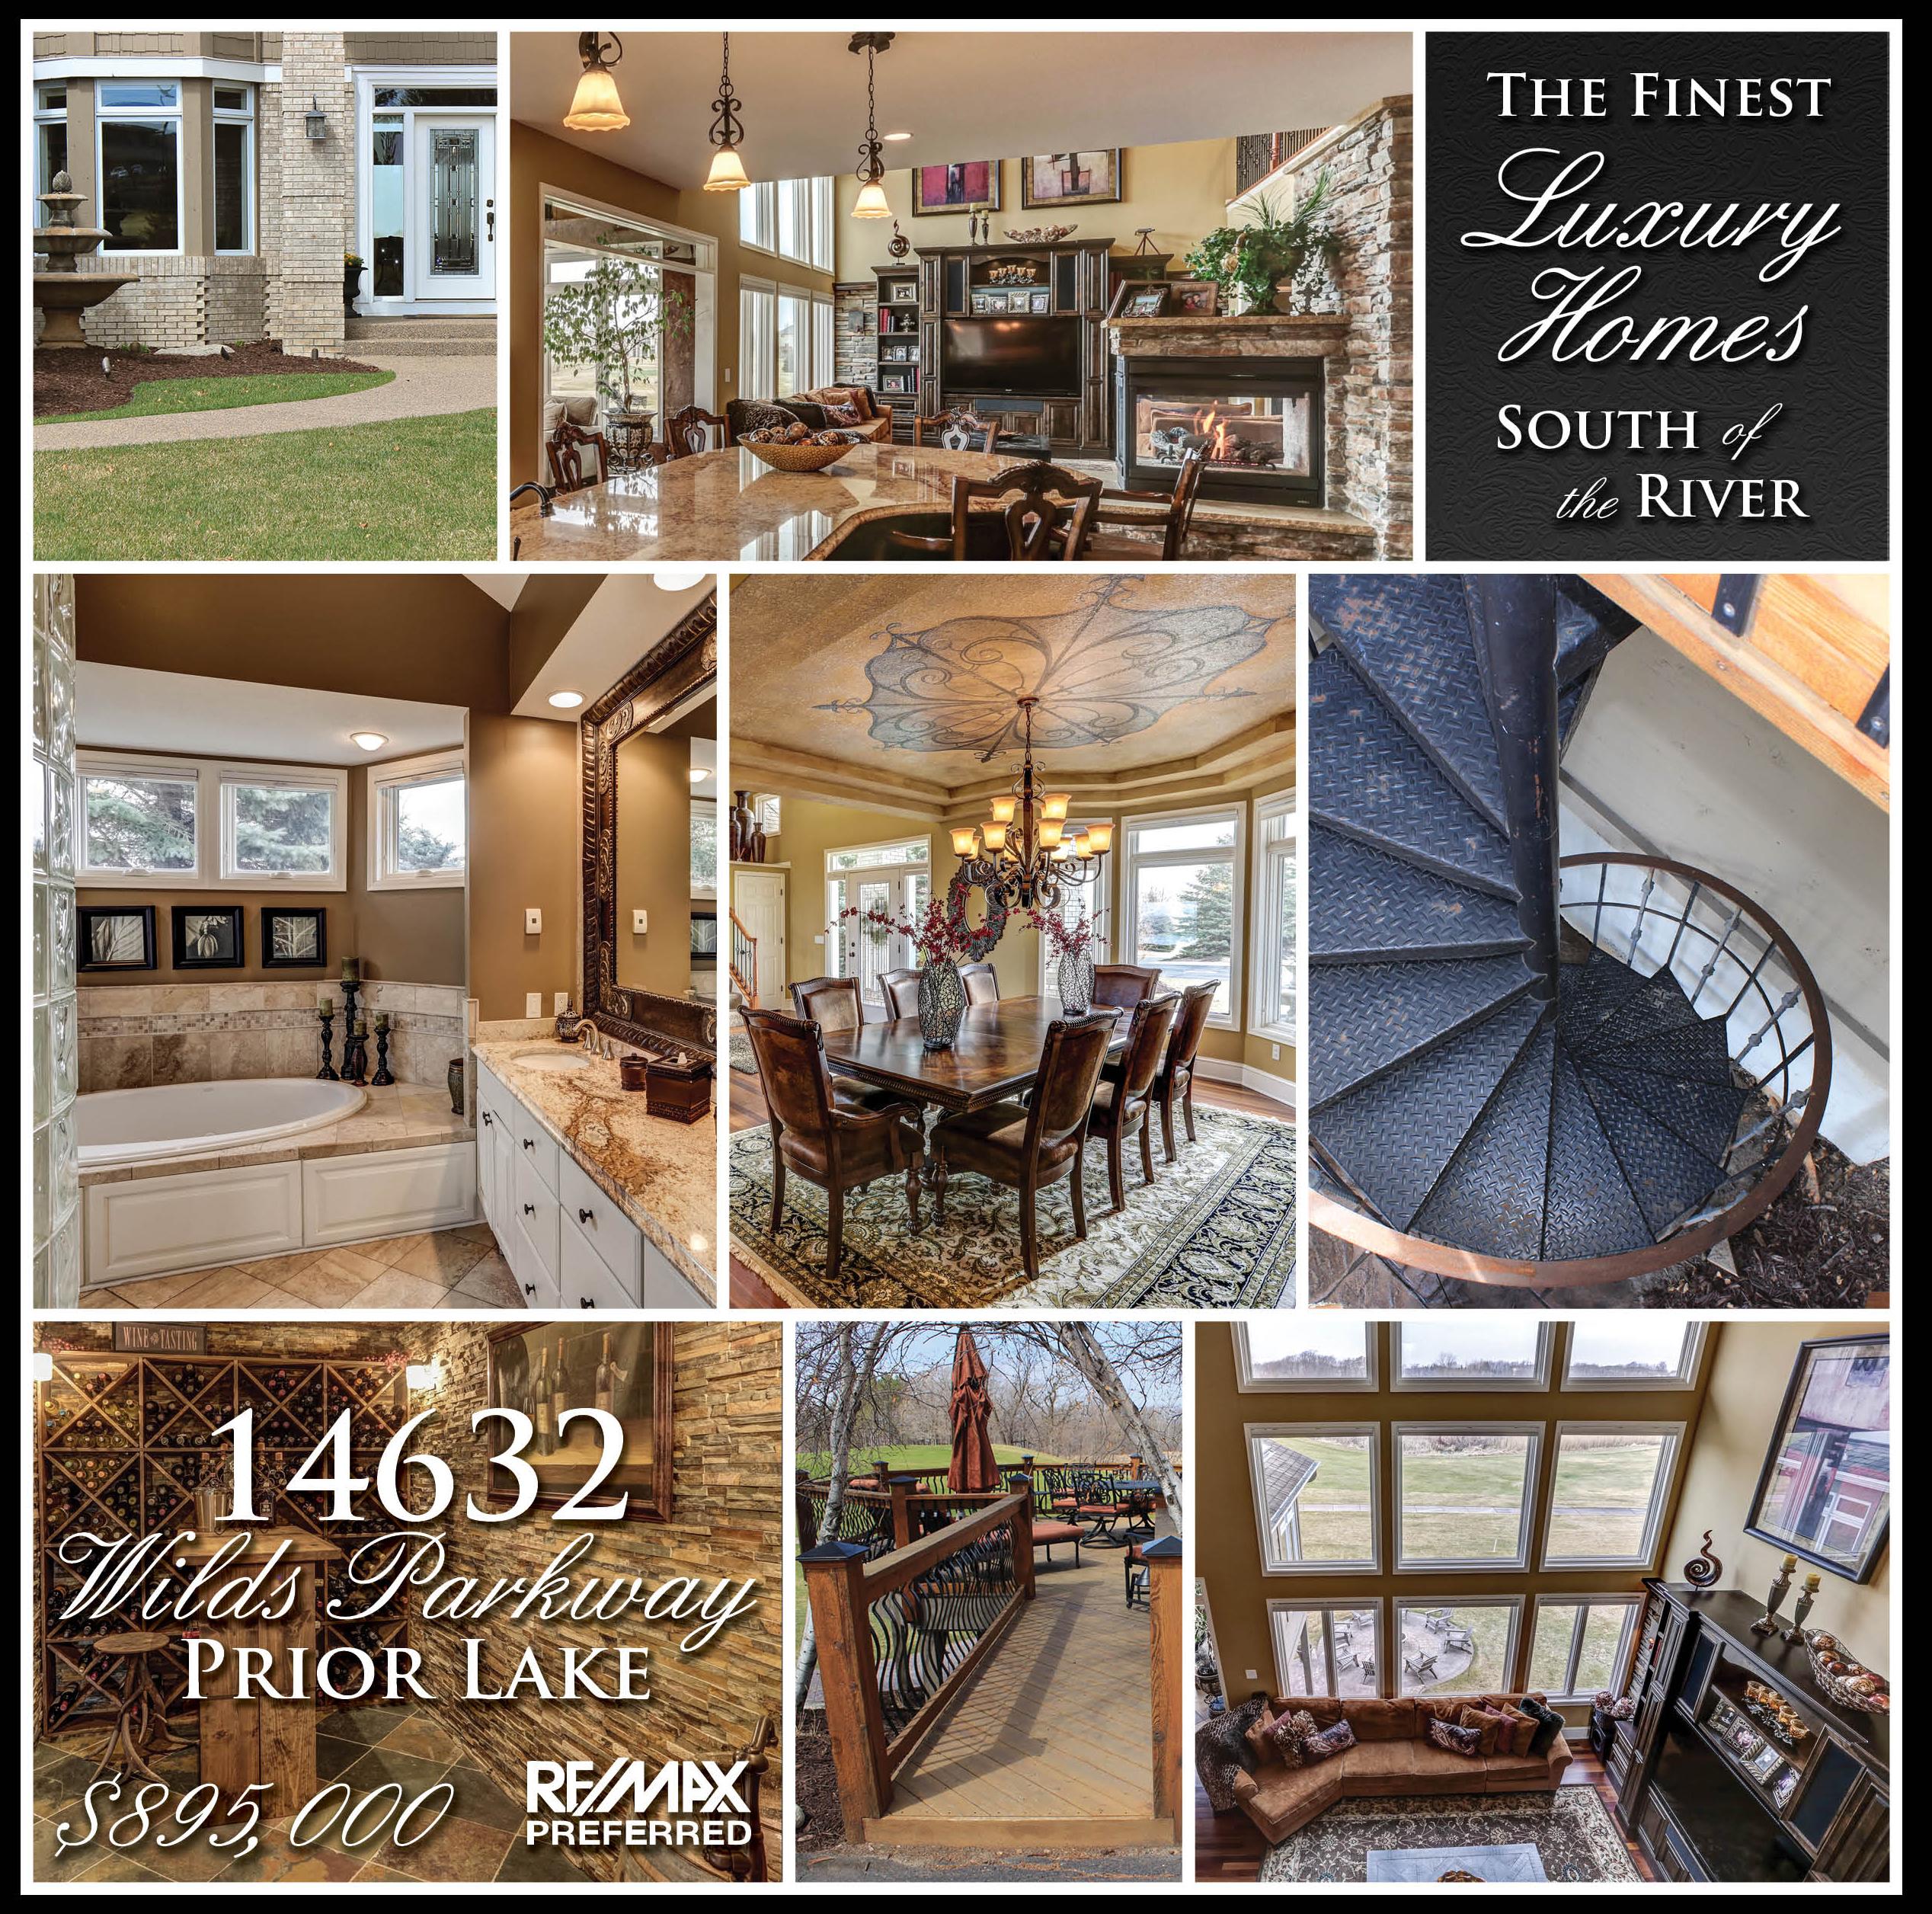 park likewise spiral bridge hastings mn on home design home design hastings mn 2017 2018 best cars reviews